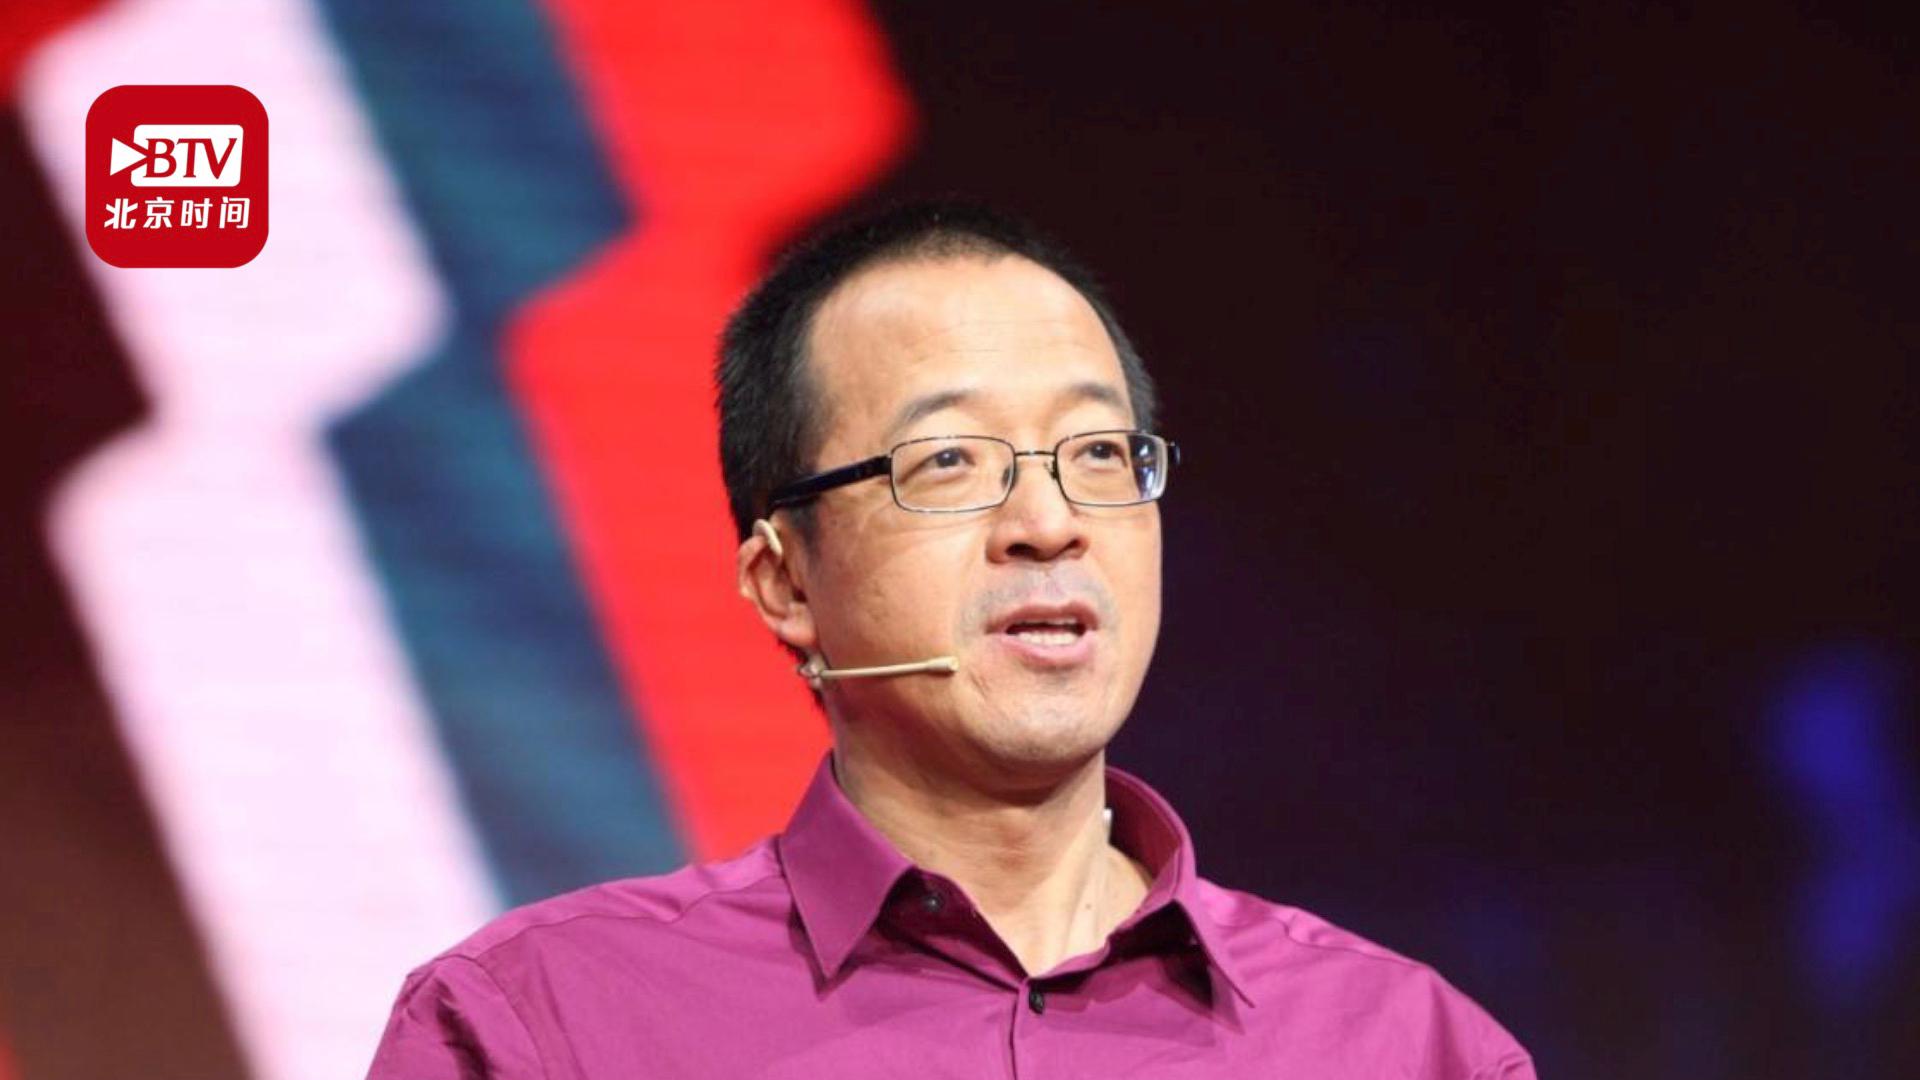 俞敏洪谈创业:现在投资人非常大方 一给就给几千万几个亿